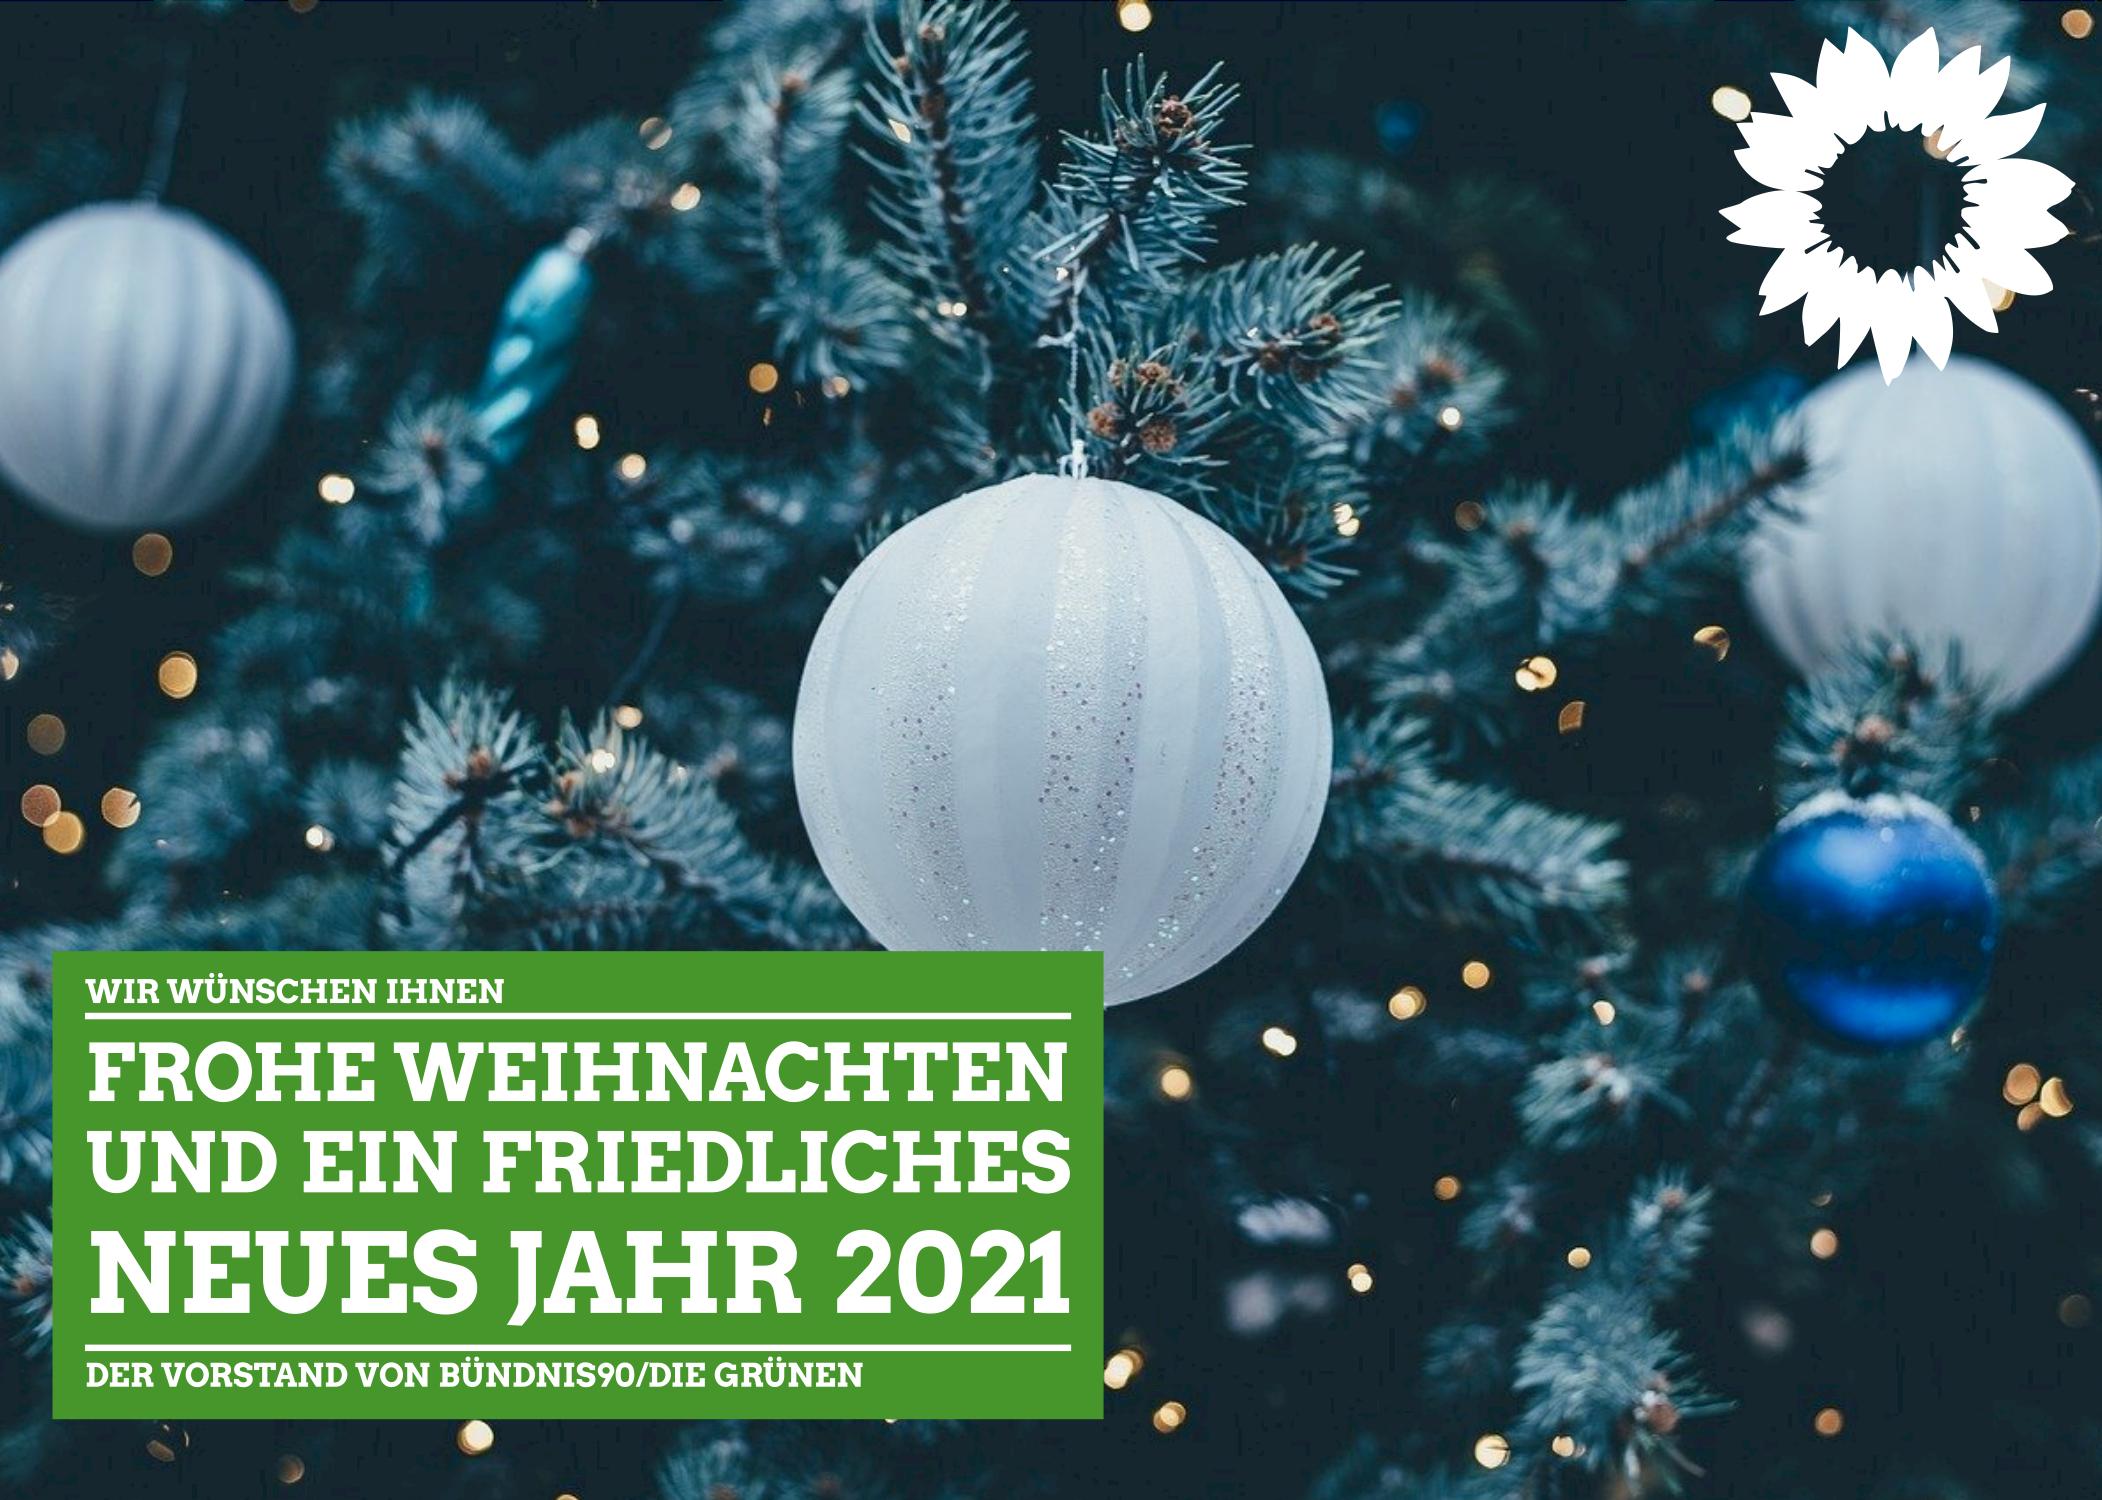 Frohe Weihnachten und ein friedliches neues Jahr 2021!